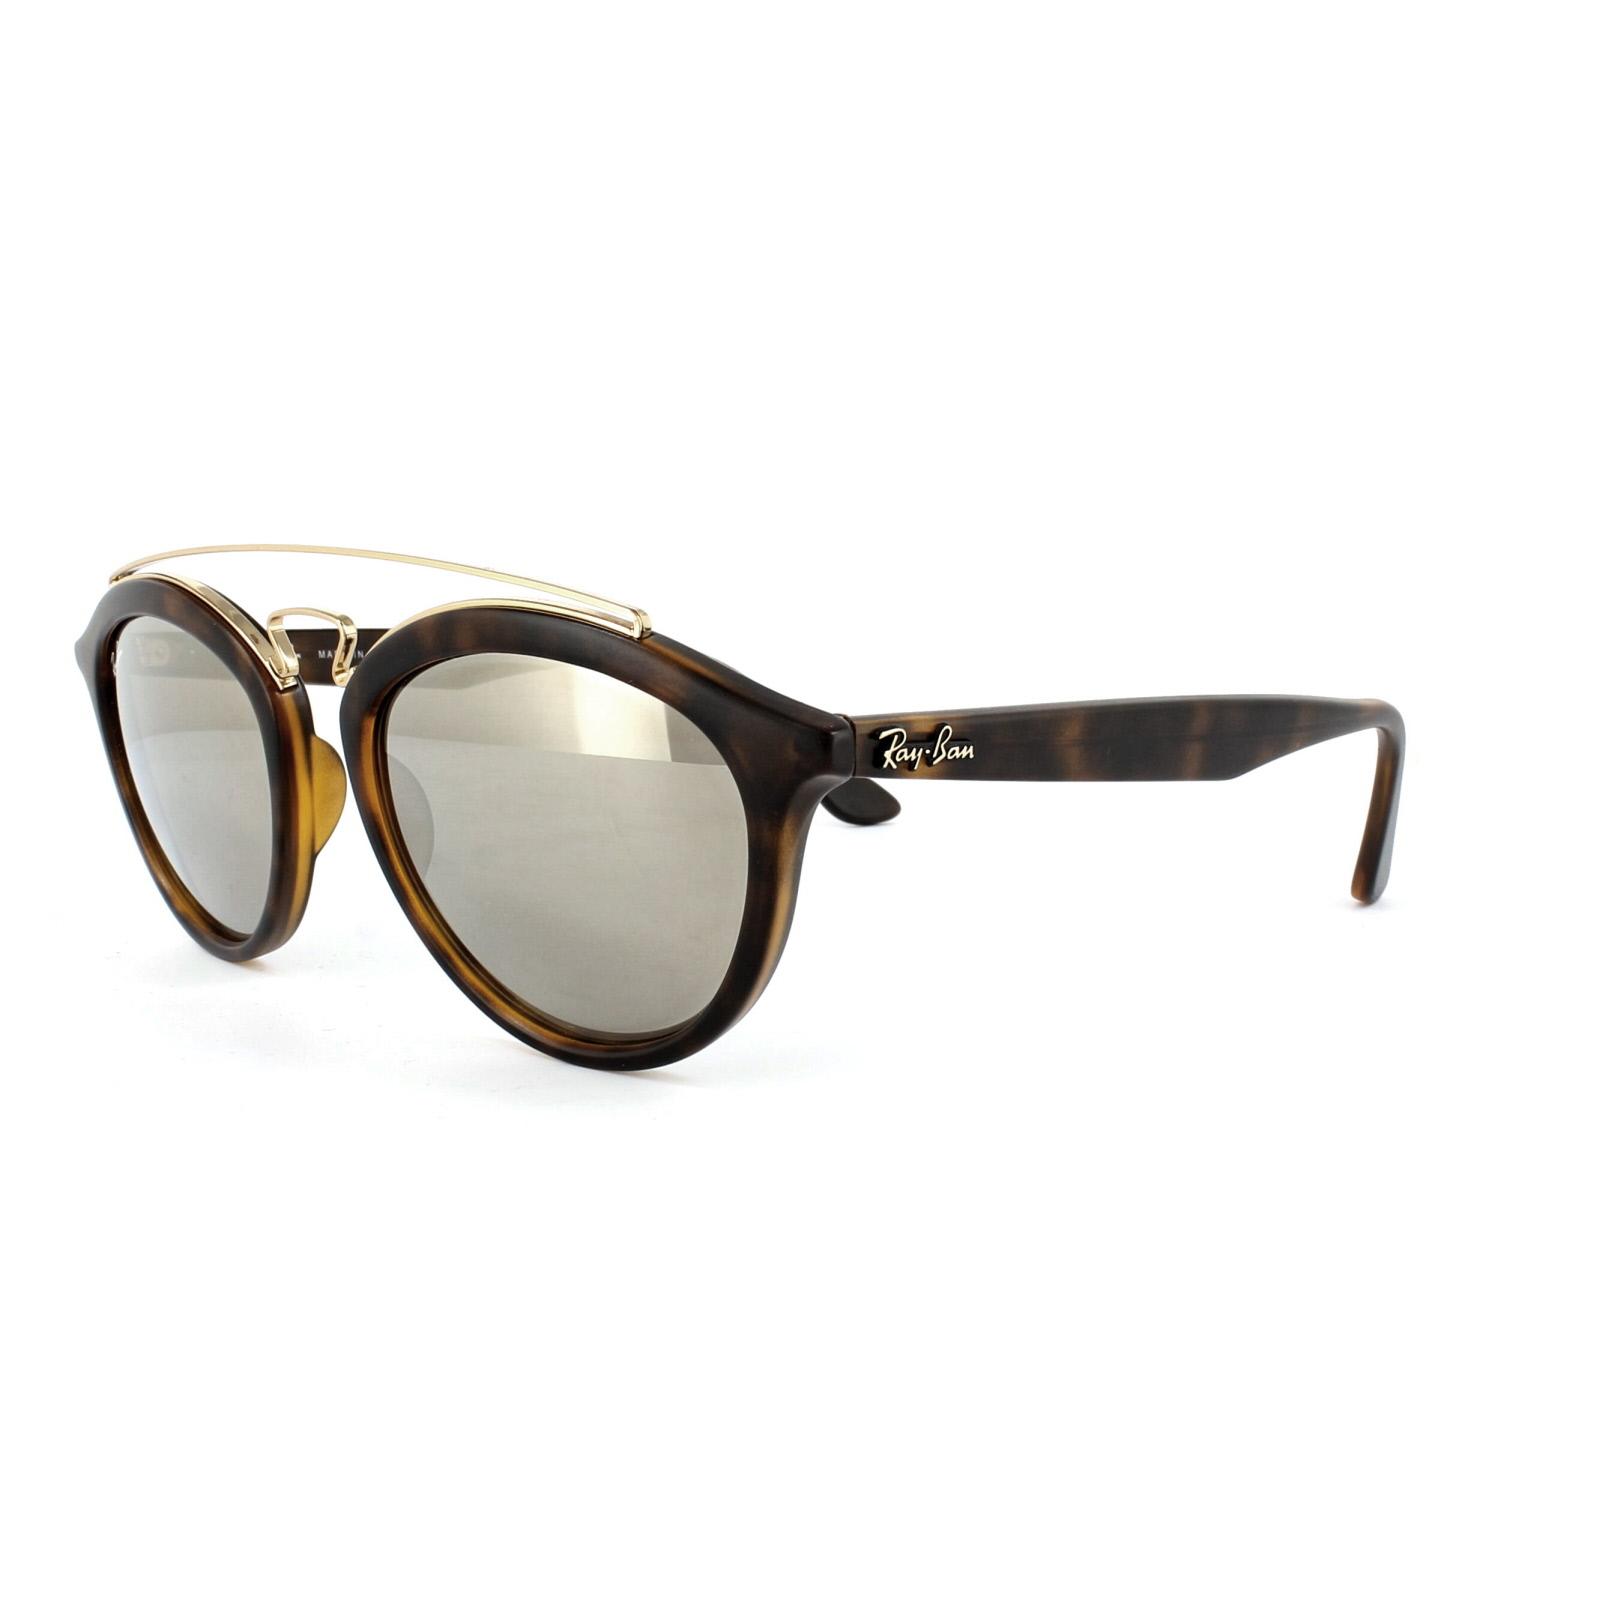 8504fa89f9f96 Sentinel Ray-Ban Sunglasses New Gatsby 4257 60925A Matt Havana Brown Gold  Mirror 50mm